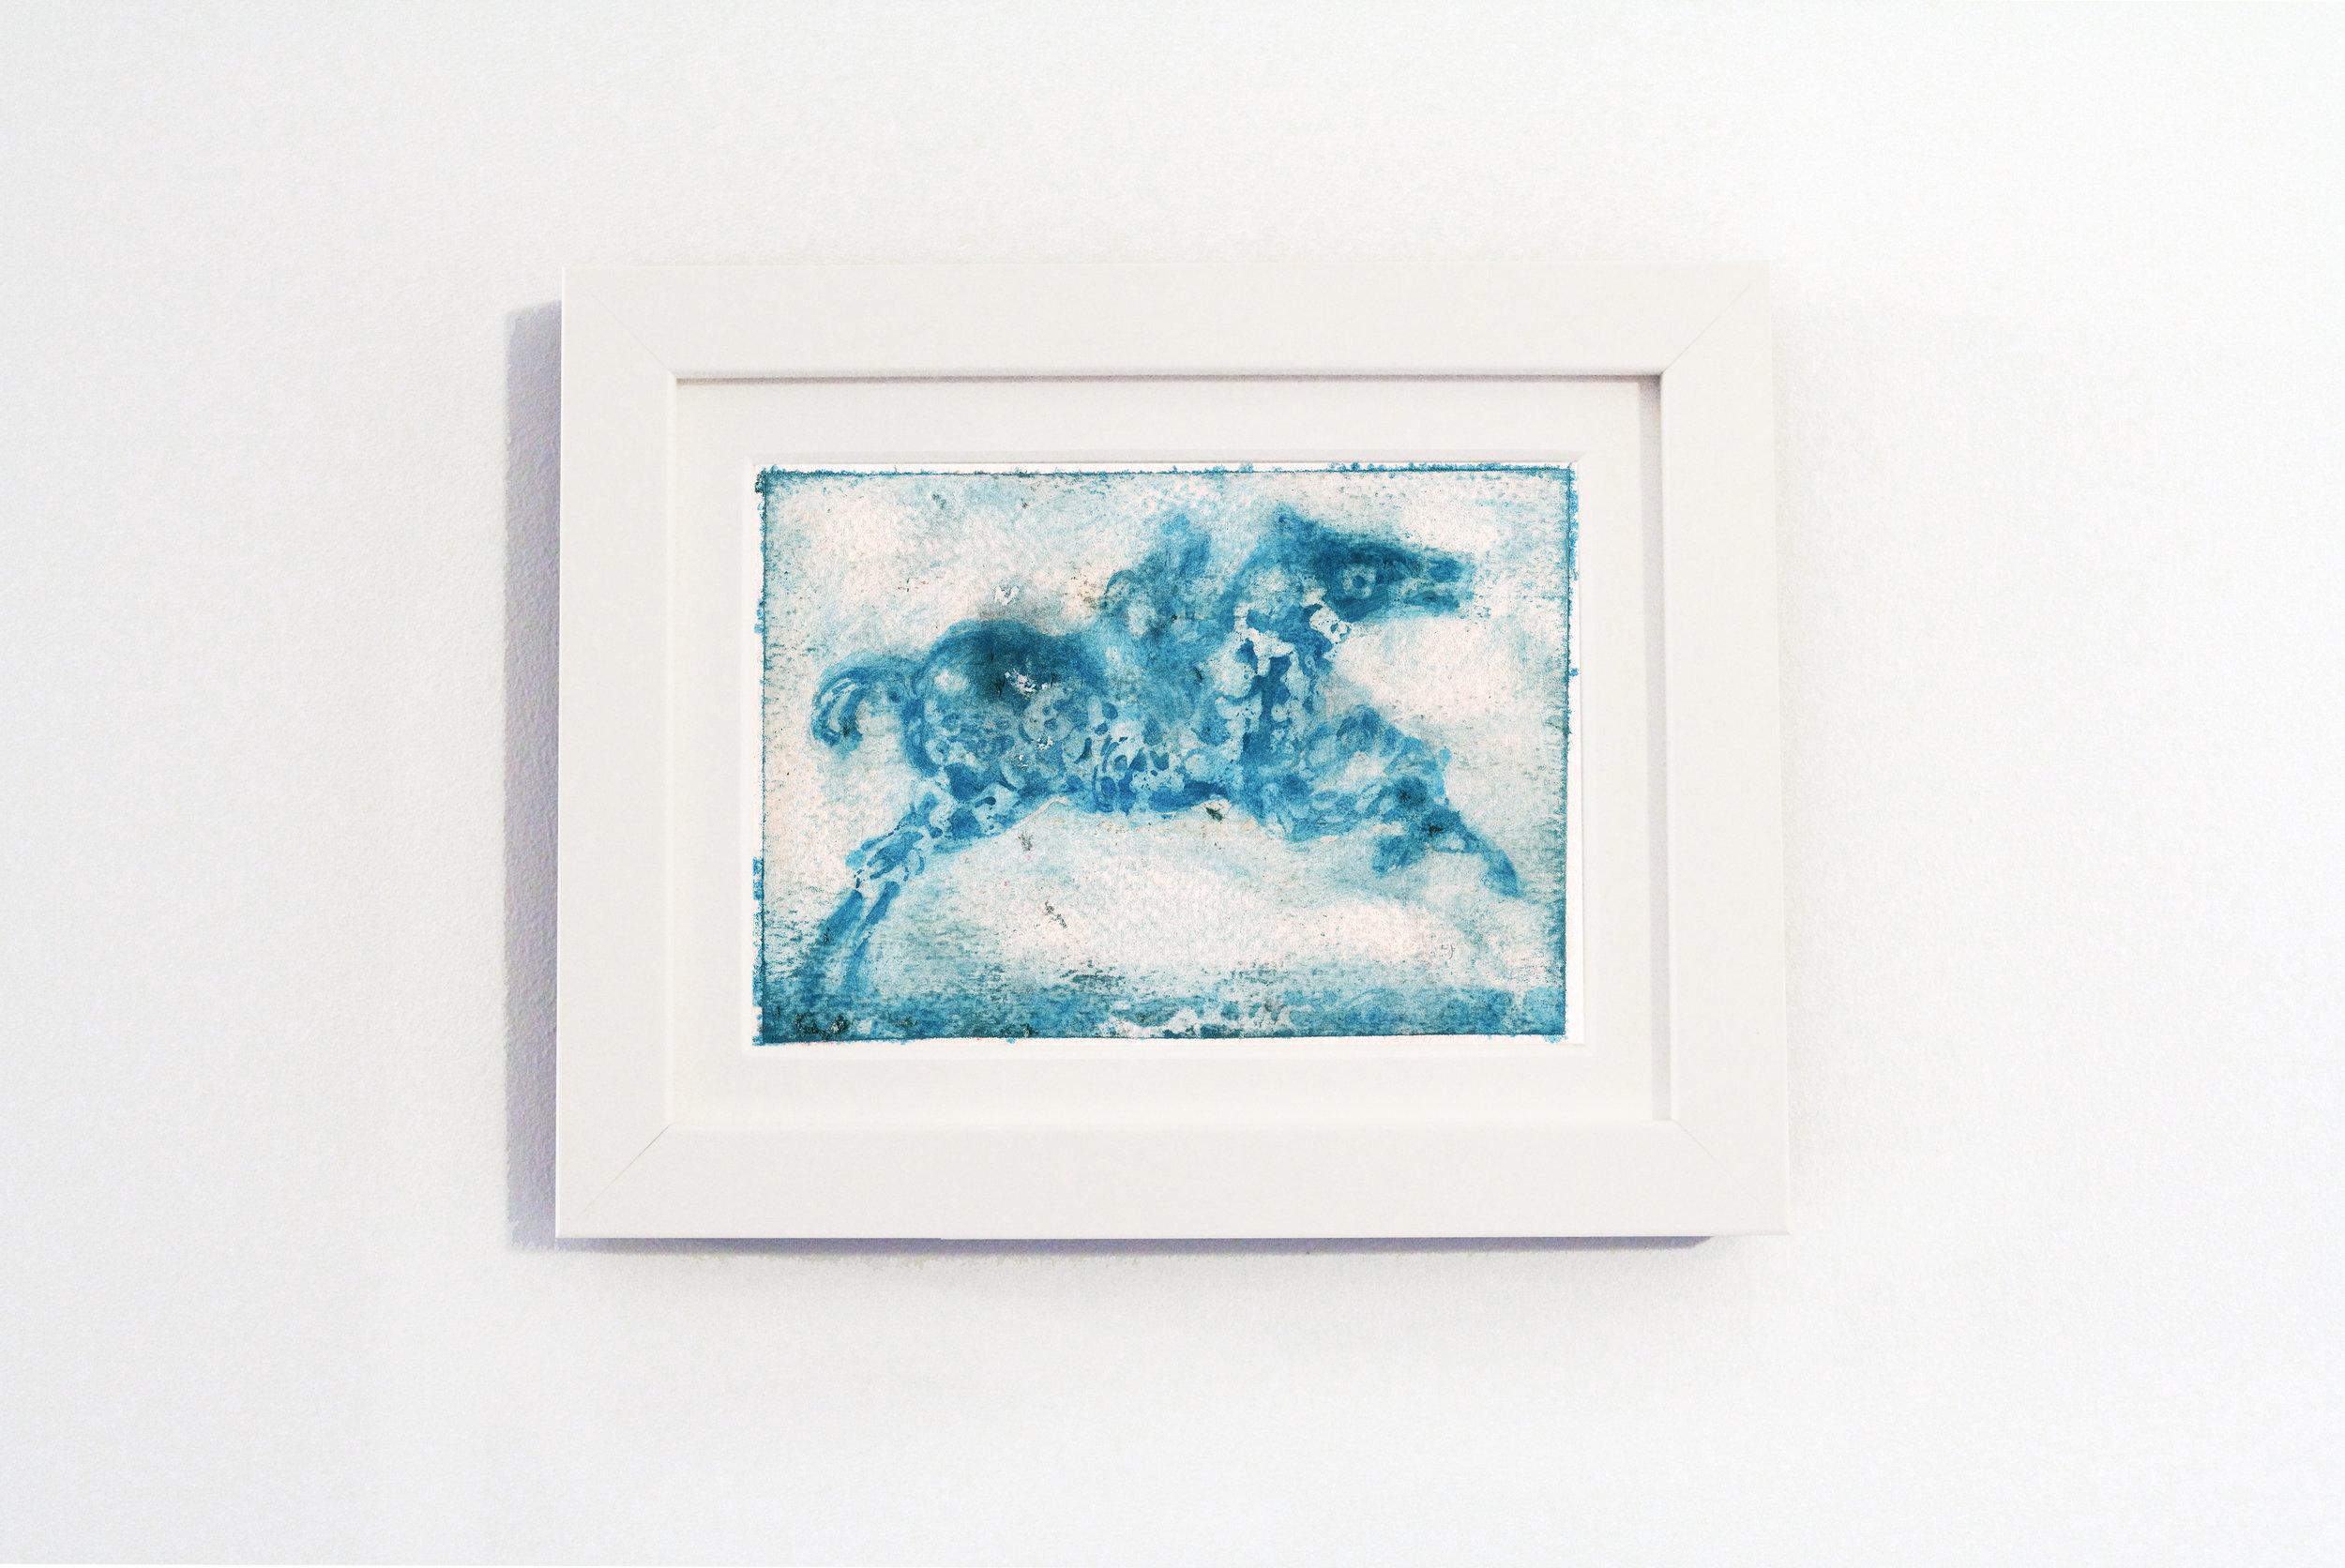 Delft Blue White Frame.jpg